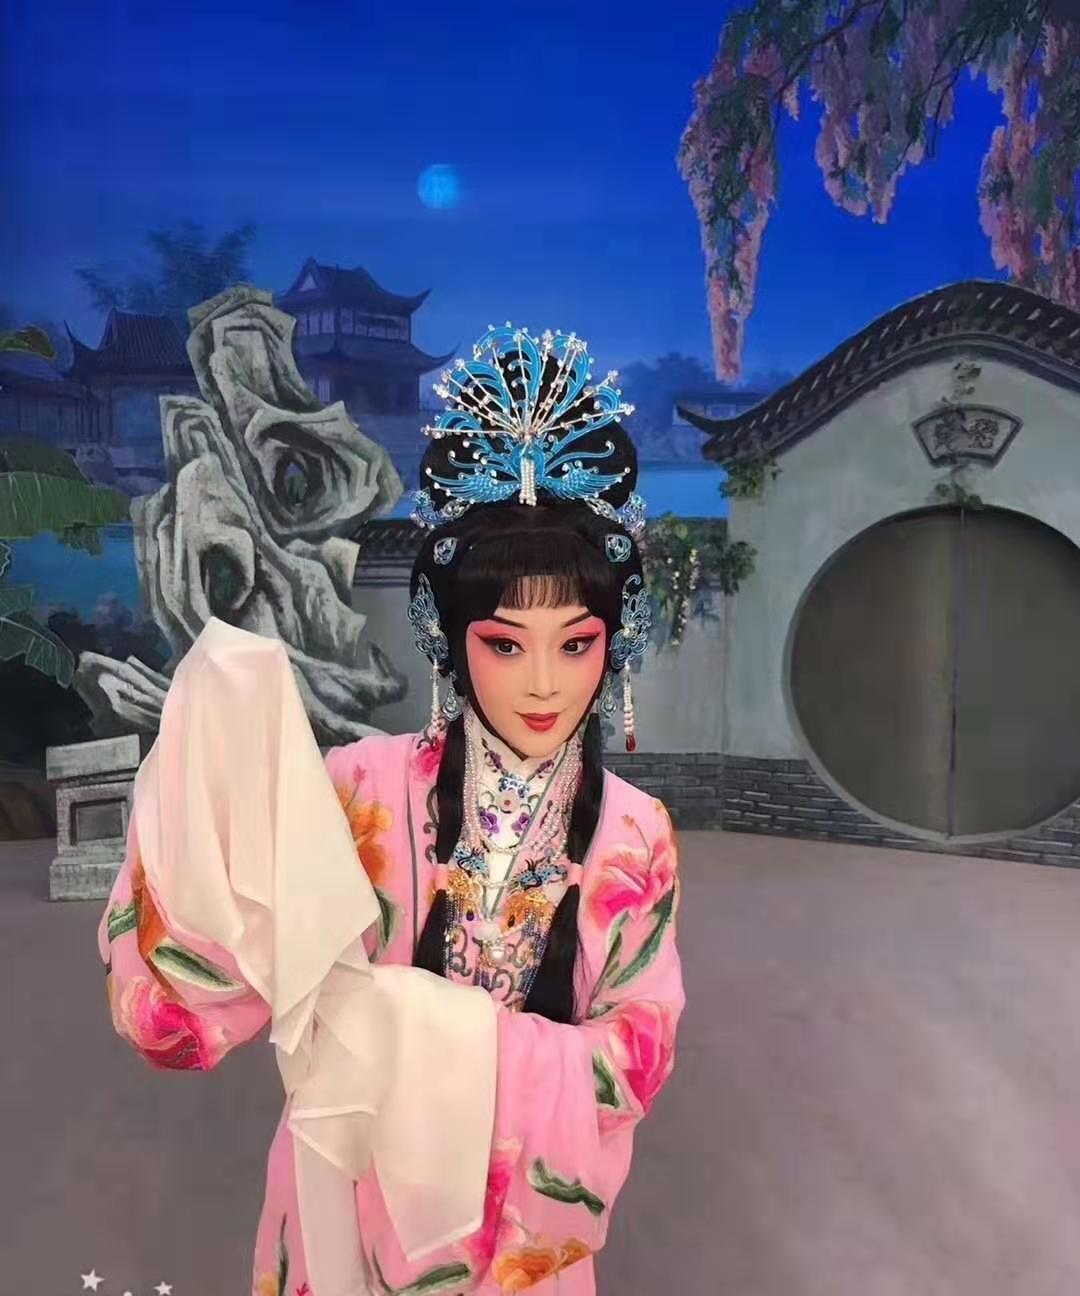 姜亦珊老师一路走好,年仅41岁,京剧少一优秀继承人